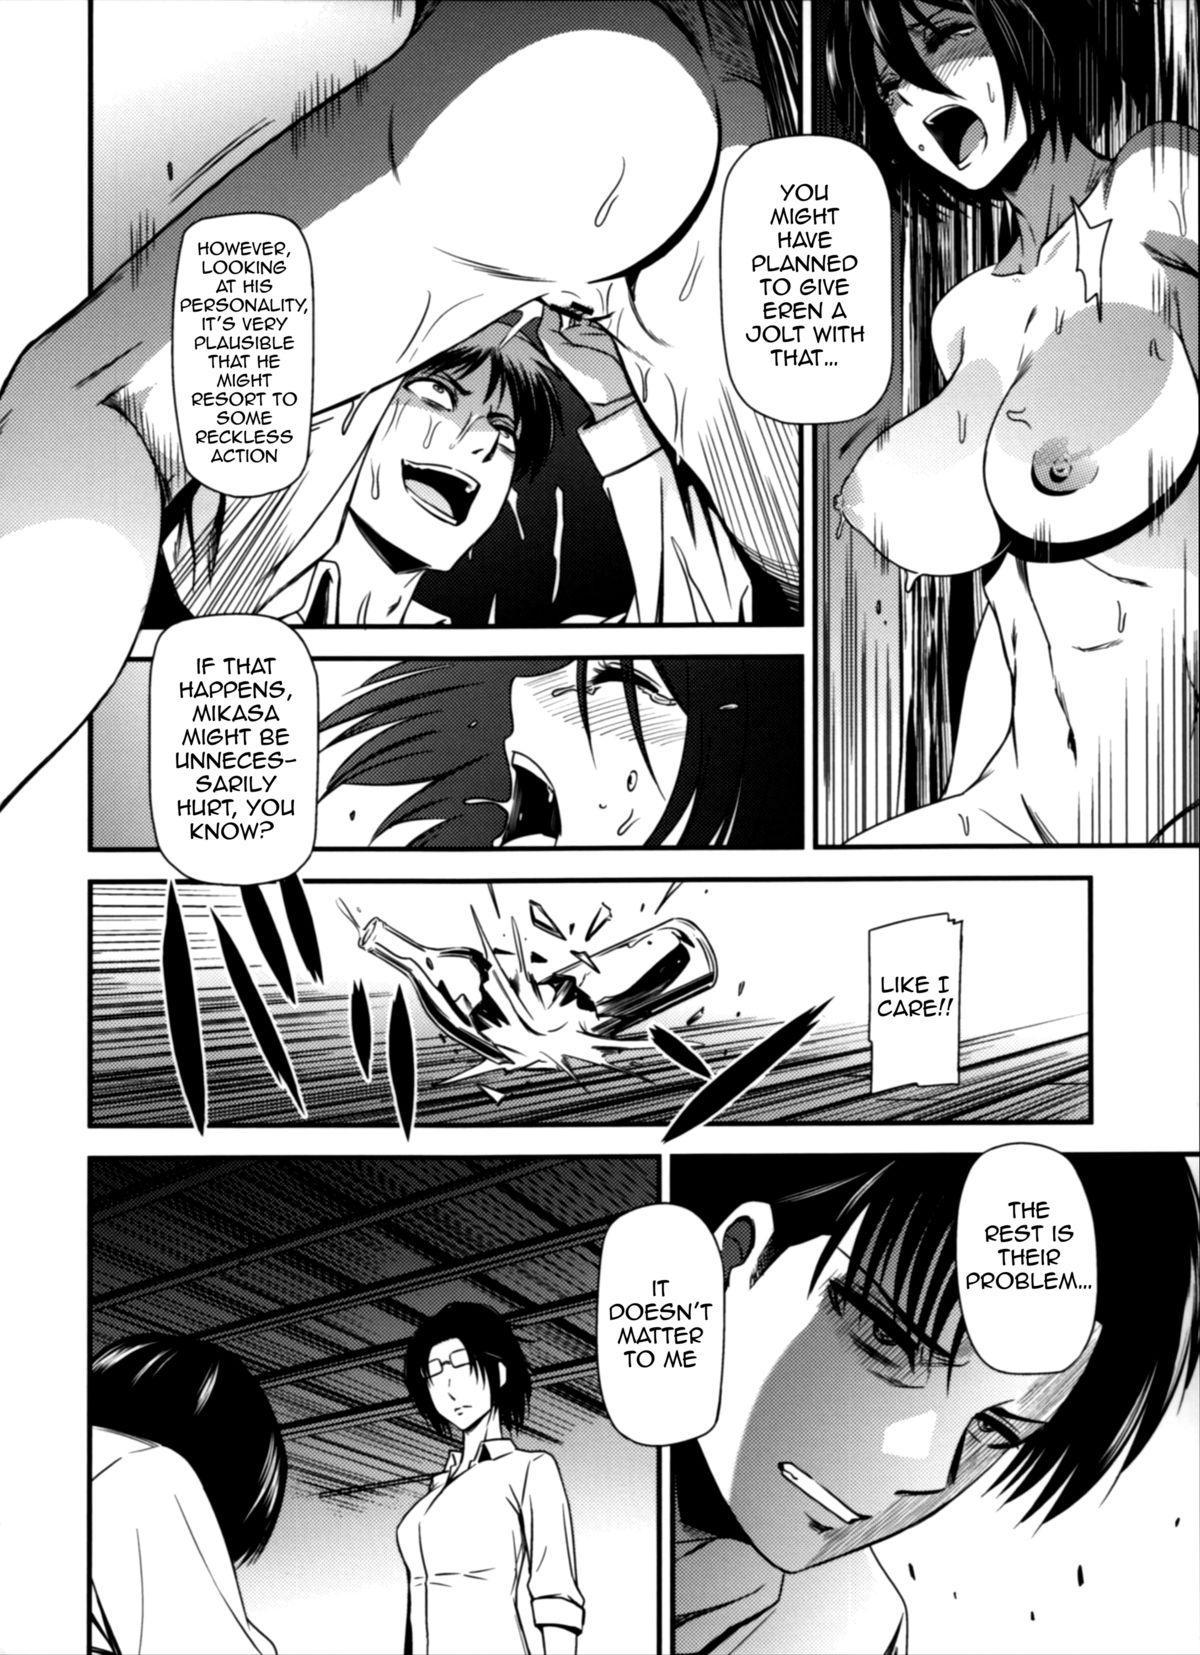 Gekishin Yon | Firing Pin 4 24